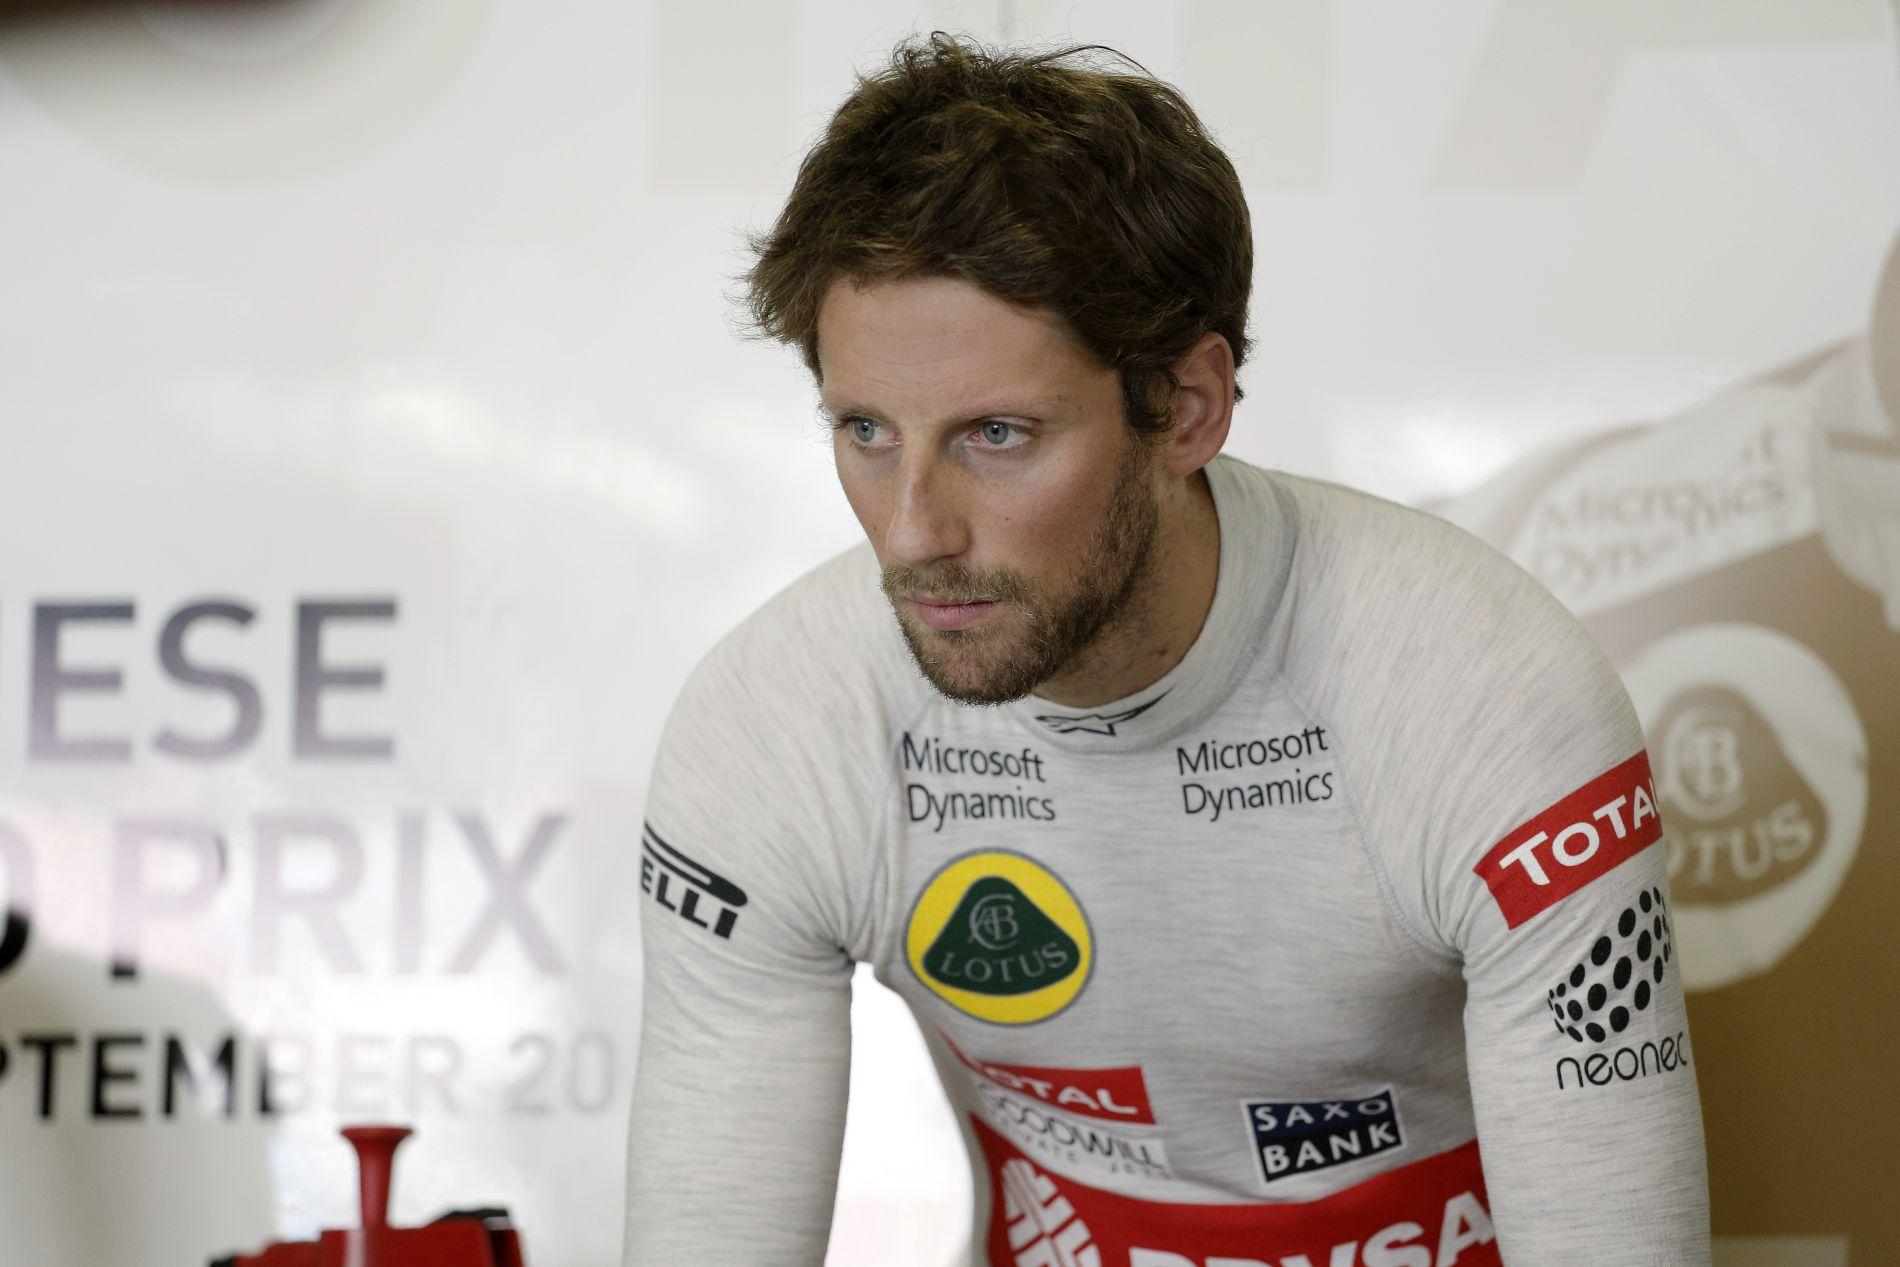 Grosjean jövőre nem lesz a legjobb öt között: a Haas-szal belépőt váltott a Ferrarihoz?